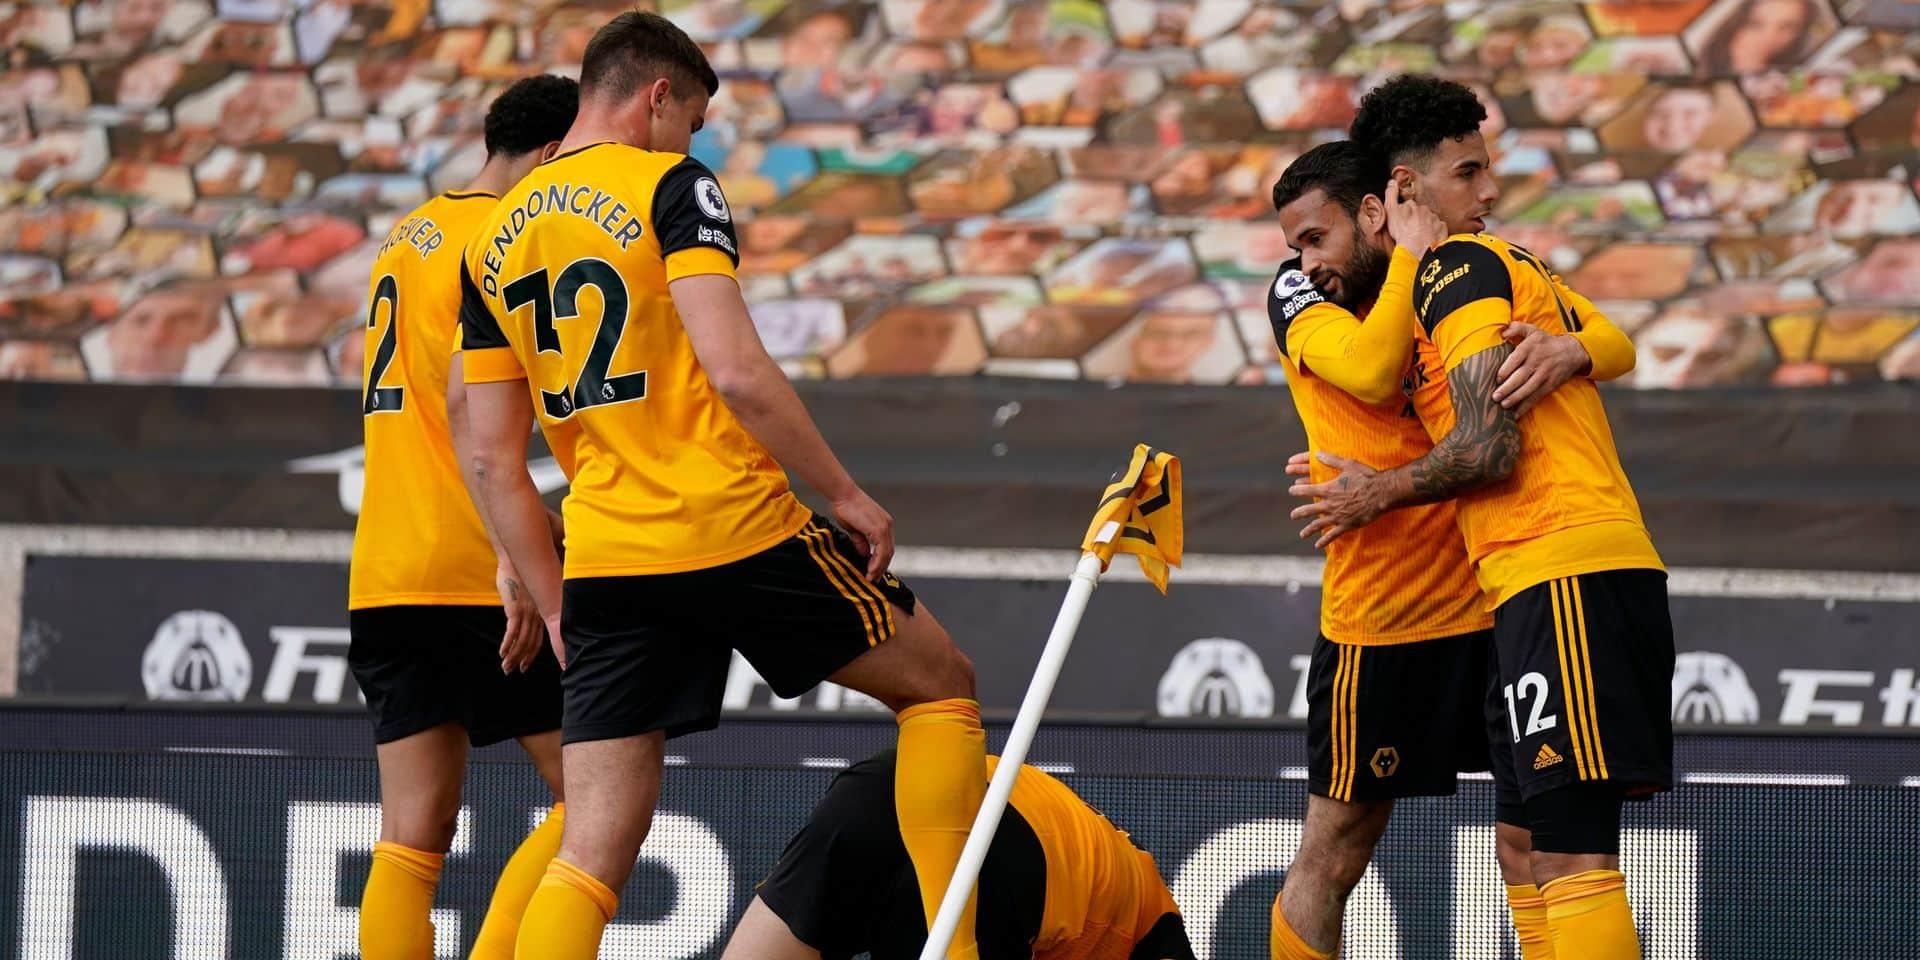 Les Belges à l'étranger: une déviation d'Hazard sauve le Real, Mertens blessé la cheville, premier but pour Matazo avec Monaco